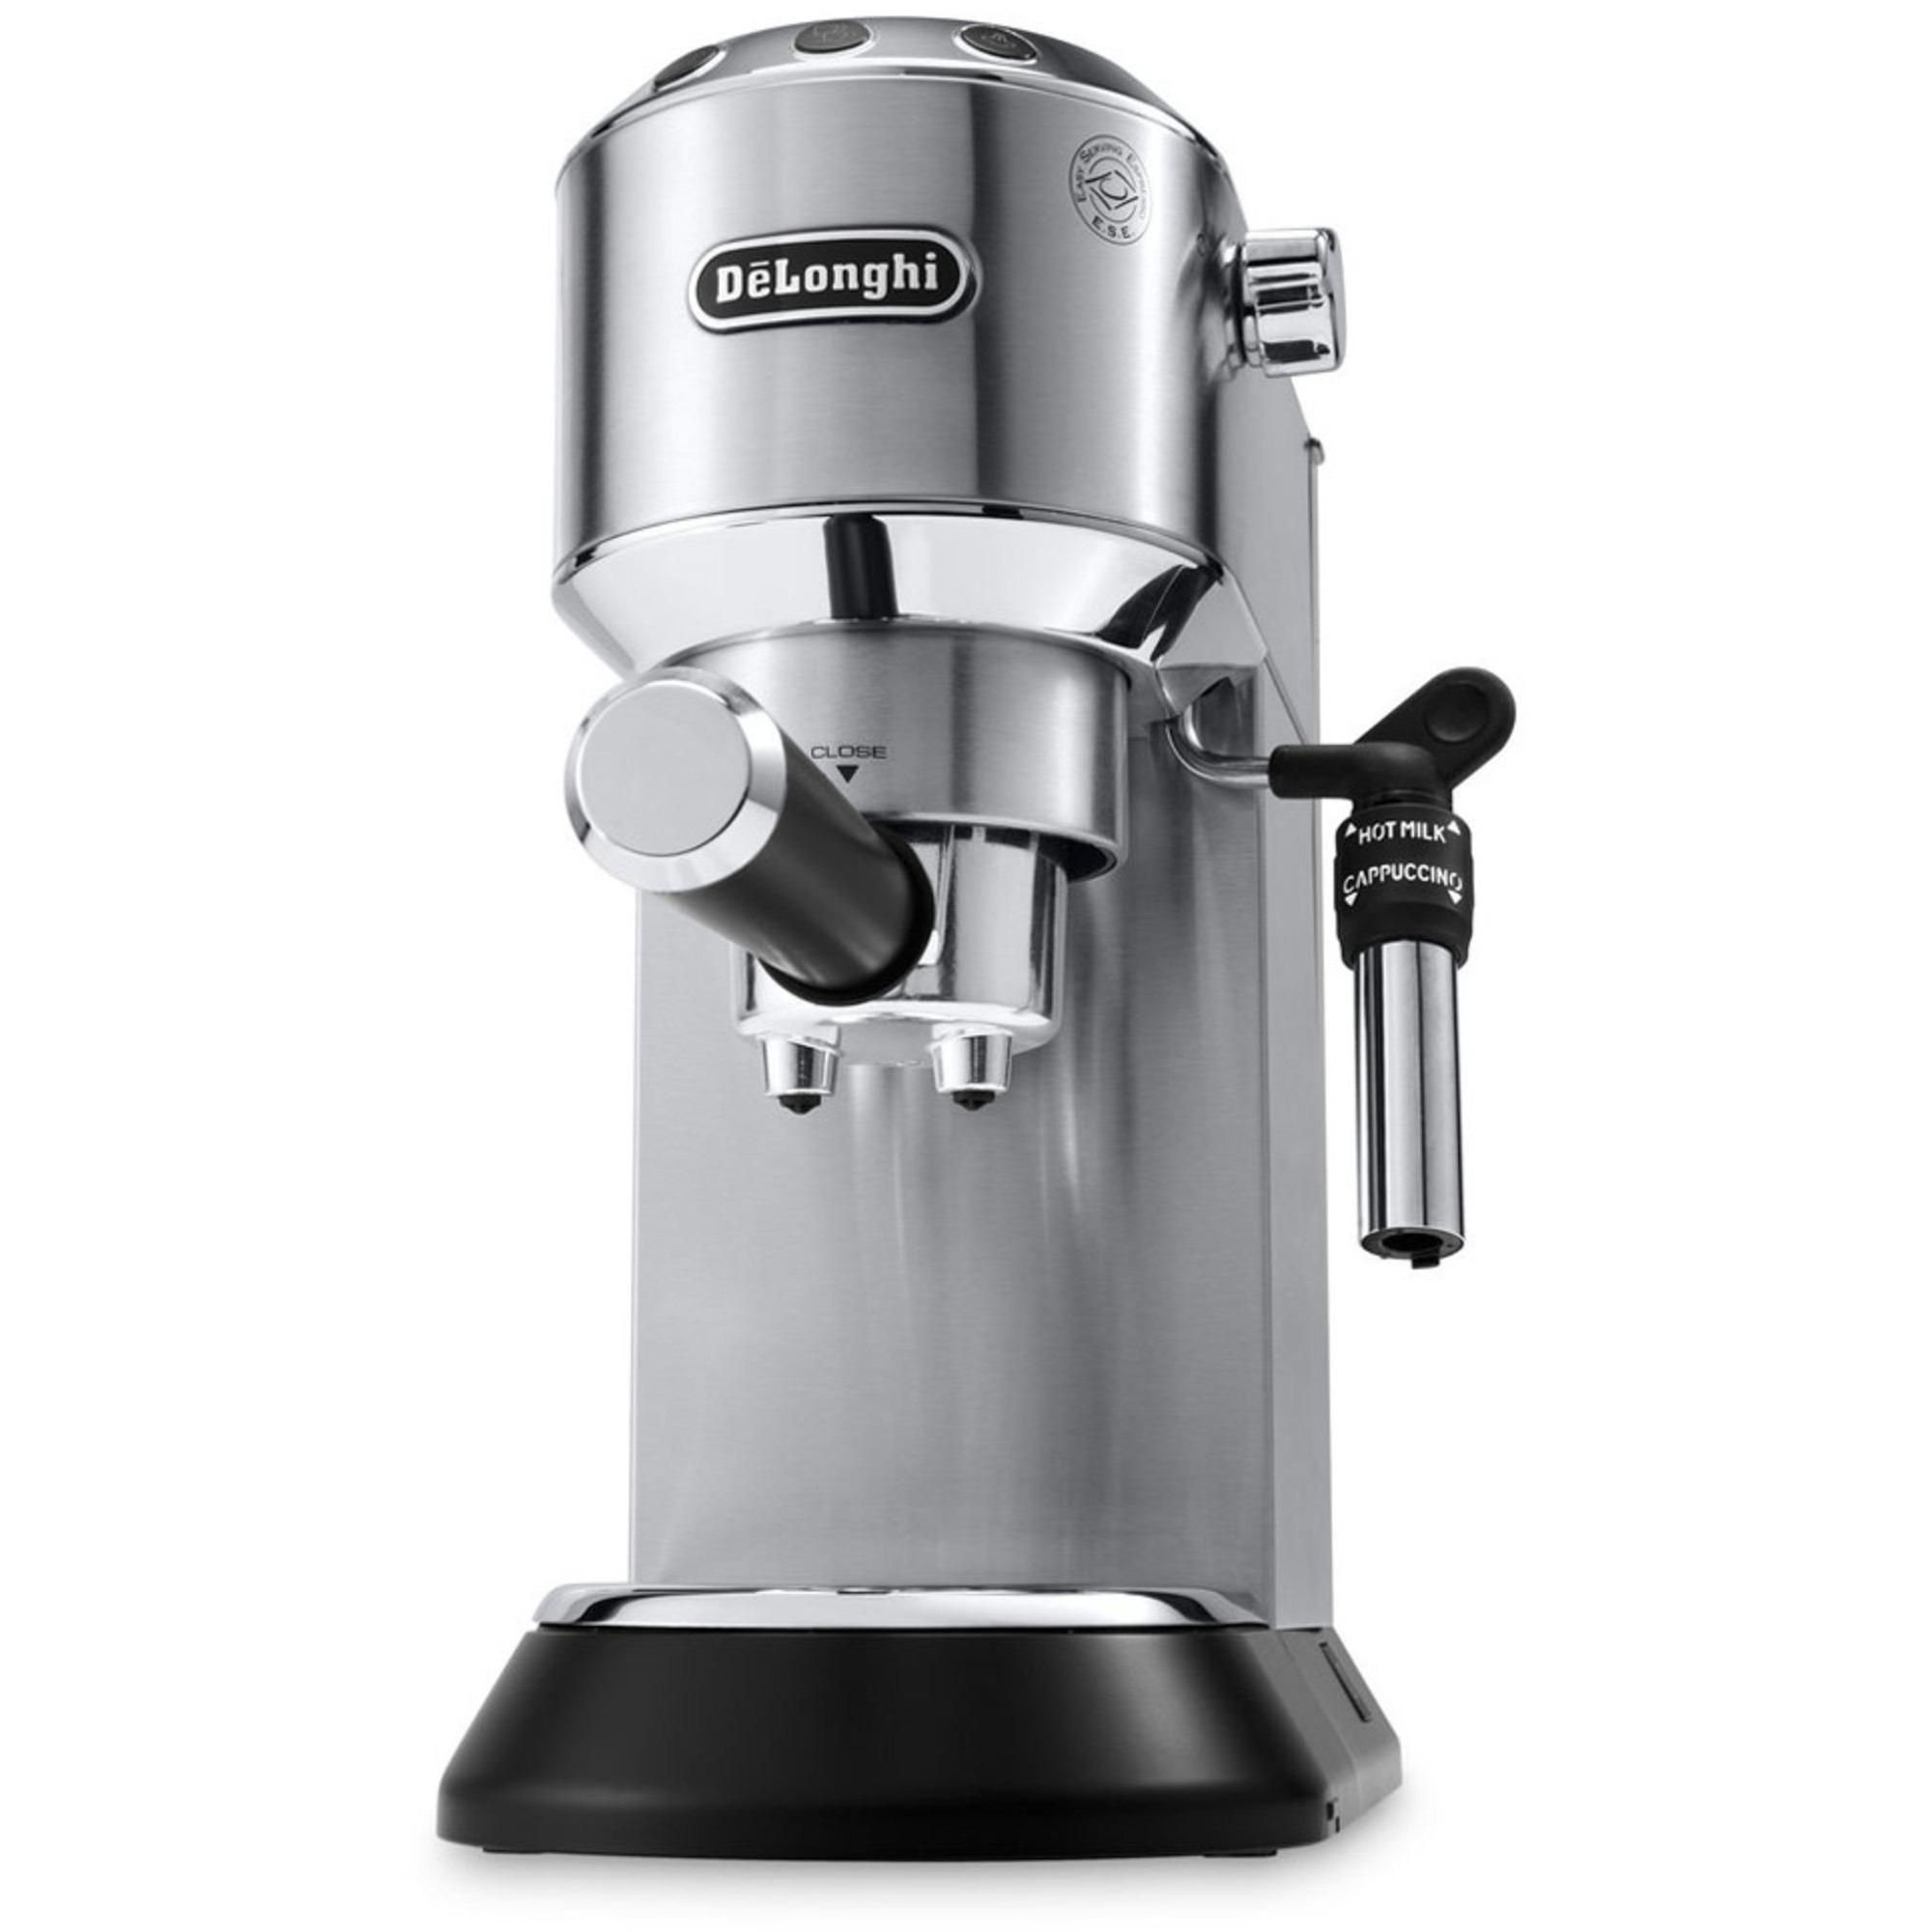 DeLonghi EC685.M Espressomaskin Metall